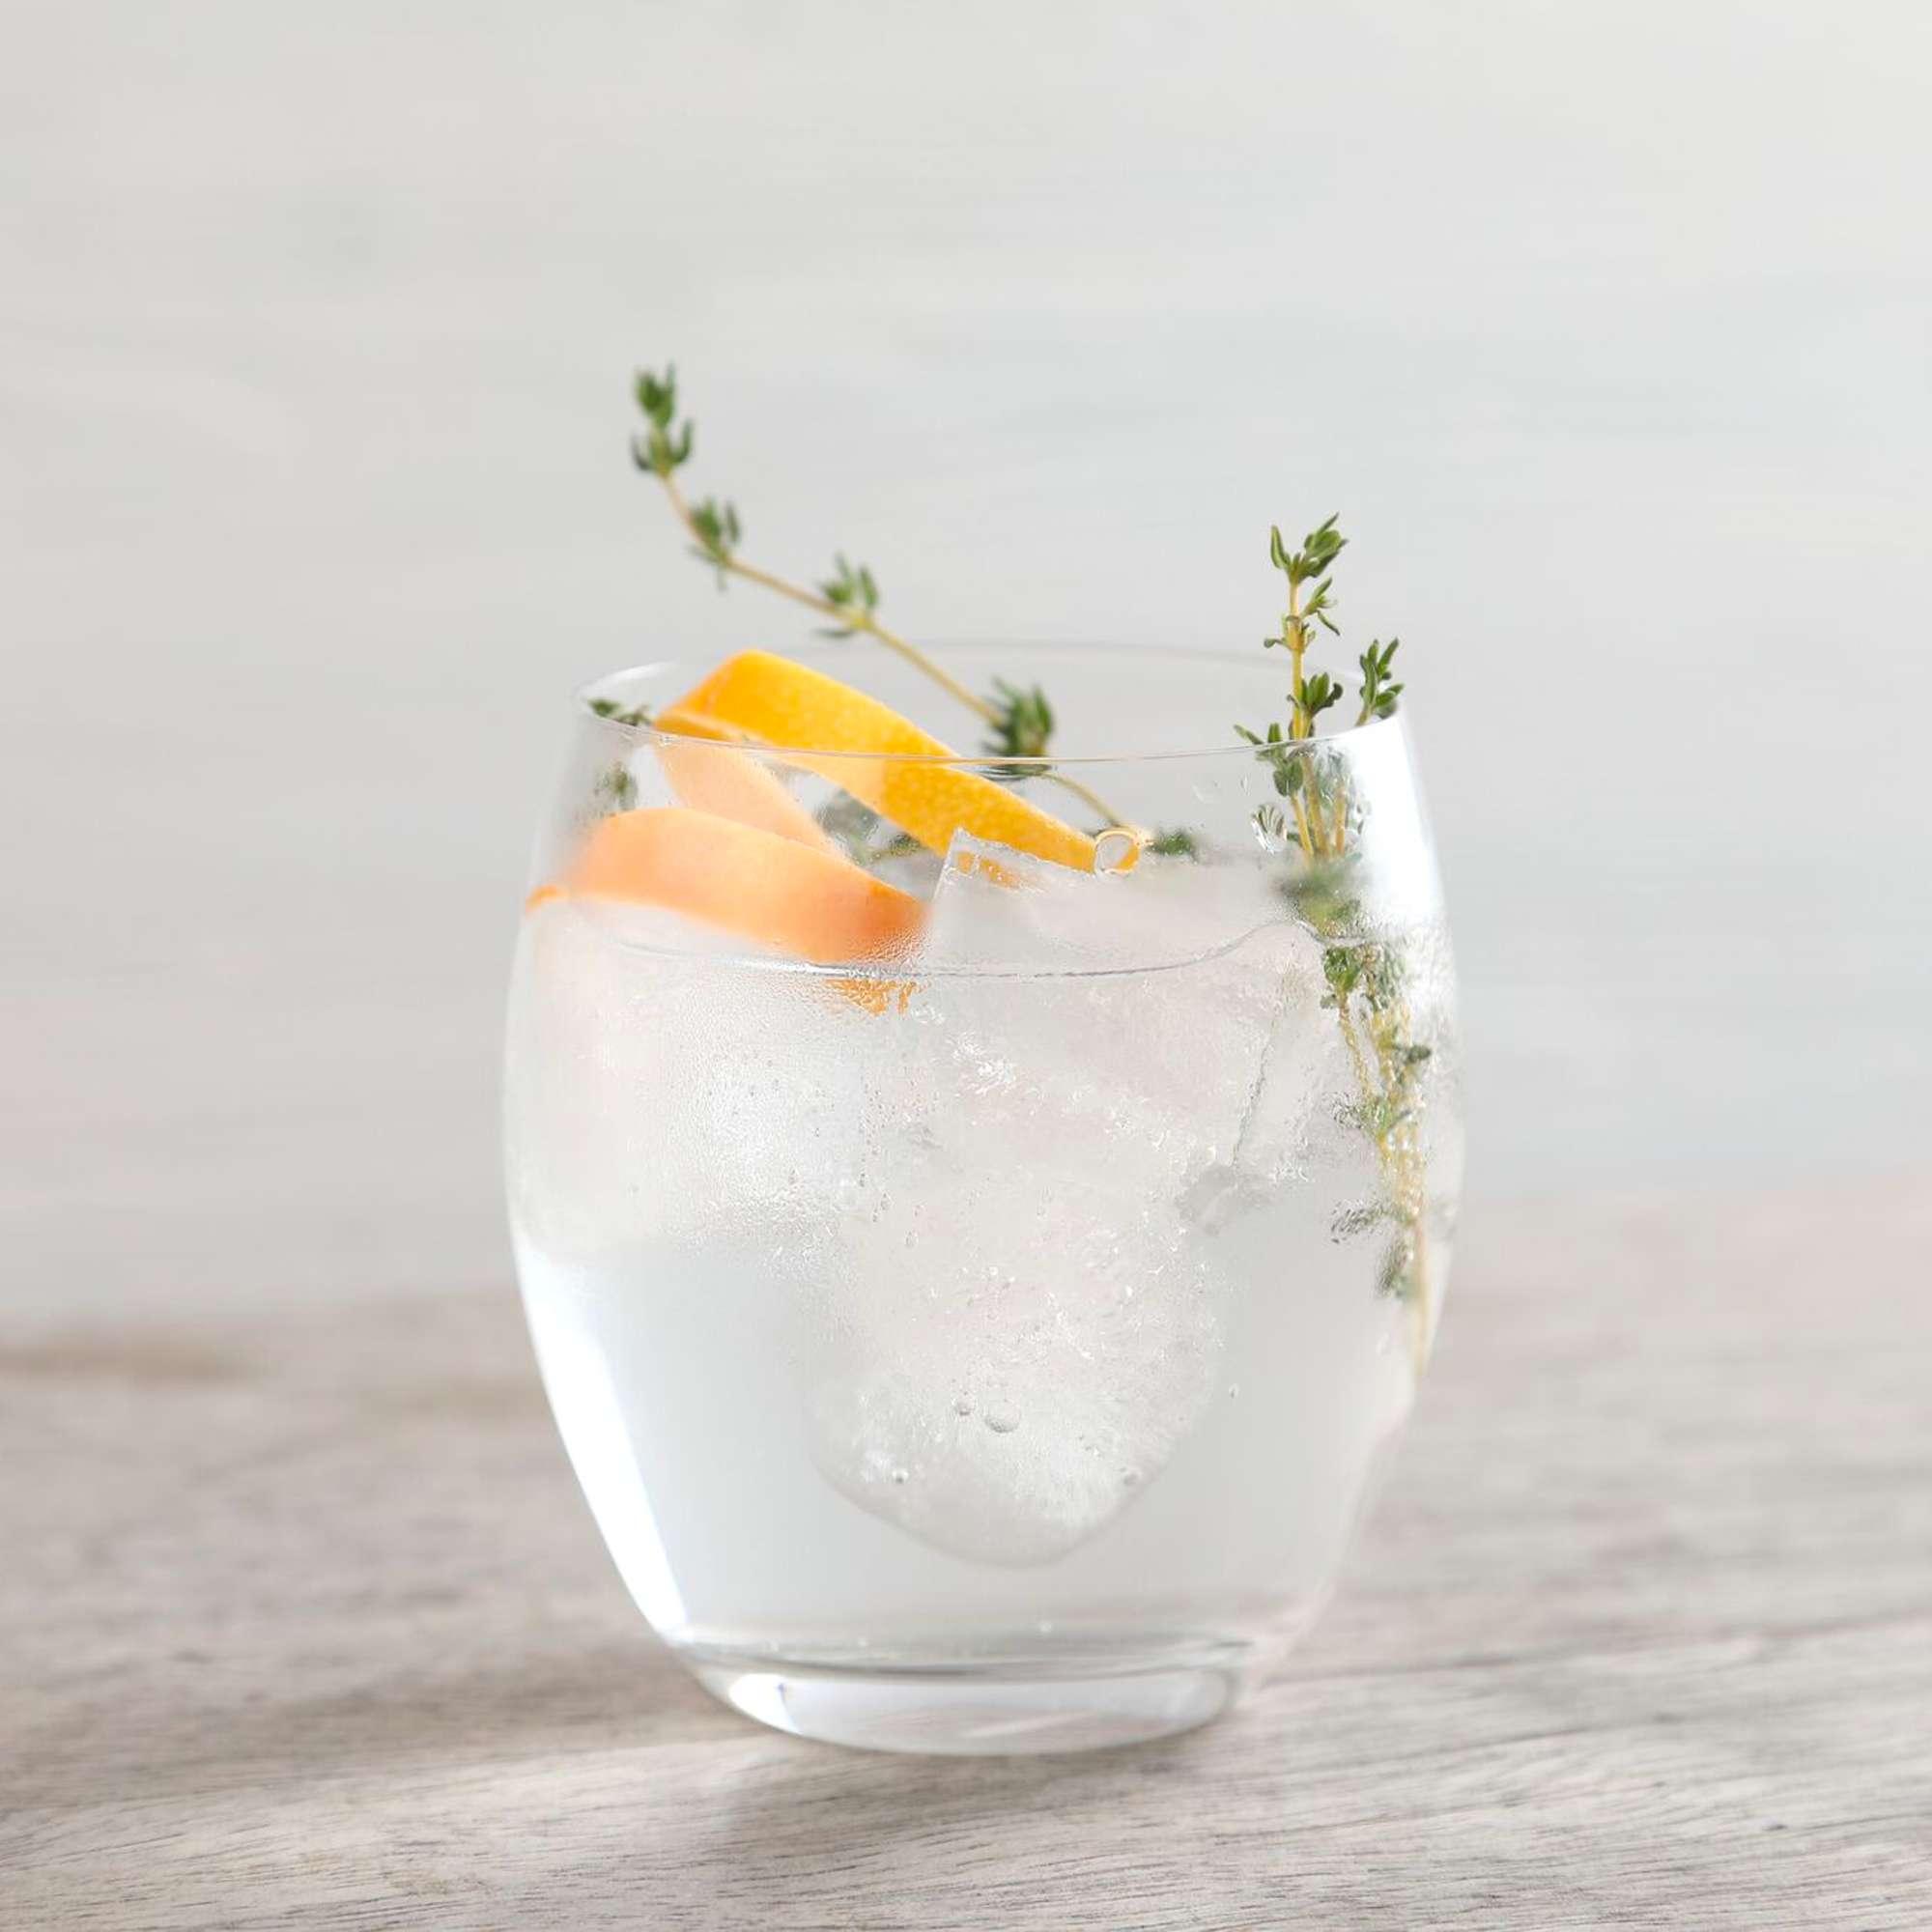 Thành phần 50ml rượu gin rong biển (Đảo Harris hoặc Dà Mhìle) 1 muỗng cà phê thuốc bổ (hoặc 100ml nước bổ nhẹ và bỏ nước soda) 100ml nước soda Để trang trí: một lát chanh , một ngọn giáo samphire và nhiều đá Phương pháp BƯỚC 1 Cho đá vào ly, cho một lát chanh và một ngọn samphire vào ly. Đổ 50ml rượu gin rong biển vào. Nếu bạn có thể lấy nó, hãy thêm 1 muỗng cà phê thuốc bổ và 100ml nước soda. Nếu bạn không thể, hãy sử dụng loại thuốc bổ sáng 100ml. Khuấy nhẹ trước khi dùng.  CŨNG ĐI VỚI G & T có gia vị Món mặn Địa Trung Hải G&T Bưởi đắng G&T Công thức từ tạp chí Good Food, tháng 9 năm 2017  Thêm từ khắp nơi trên web Câu chuyện được quảng cáo bởi Đôi dép hoàn hảo đã làm mưa làm gió trên toàn thế giới. Đôi dép hoàn hảo đã làm mưa làm gió trên toàn thế giới. (Quickdry SANDALS ™) COVID-19 - Tin tức và tin tức mới nhất COVID-19 - Tin tức và tin tức mới nhất (CNA) Một người đàn ông sở hữu ngôi nhà này đã lập kỷ lục mọi thời đại. Một người đàn ông sở hữu ngôi nhà này đã lập kỷ lục mọi thời đại. (Mansion Global) Lấy bằng Thạc sĩ ở Đức có thể dễ dàng hơn bạn nghĩ Lấy bằng Thạc sĩ ở Đức có thể dễ dàng hơn bạn nghĩ (Bằng Thạc sĩ tại Đức   Danh sách được Tài trợ) Ít nhất 120 con mèo được giải cứu khỏi 'nhà tù địa ngục' bên ngoài Bangkok Ít nhất 120 con mèo được giải cứu khỏi 'nhà tù địa ngục' bên ngoài Bangkok (CNA) Cristiano Ronaldo bán nhà ở Manchester: Đây là một căn nhà lớn Cristiano Ronaldo bán nhà ở Manchester: Đây là một căn nhà lớn (Mansion Global) Gặp gỡ Grace, robot chăm sóc sức khỏe COVID-19 được tạo ra Gặp gỡ Grace, robot chăm sóc sức khỏe COVID-19 được tạo ra (CNA) Lấy bằng Thạc sĩ ở Vương quốc Anh có thể dễ dàng hơn bạn nghĩ Lấy bằng Thạc sĩ ở Vương quốc Anh có thể dễ dàng hơn bạn nghĩ (Bằng Thạc sĩ tại Vương quốc Anh   Danh sách được Tài trợ) Nhận xét, câu hỏi và mẹo Đánh giá công thức này Xếp hạng sao của bạn trong số 5 là gì?1 sao trên 5 2 sao trên 5 3 sao trên 5 4 sao trên 5 5 sao trên 5 Chọn loại tin nhắn bạn muốn đăng Chọn loại tin nhắn bạn muốn đăng  Nhận 